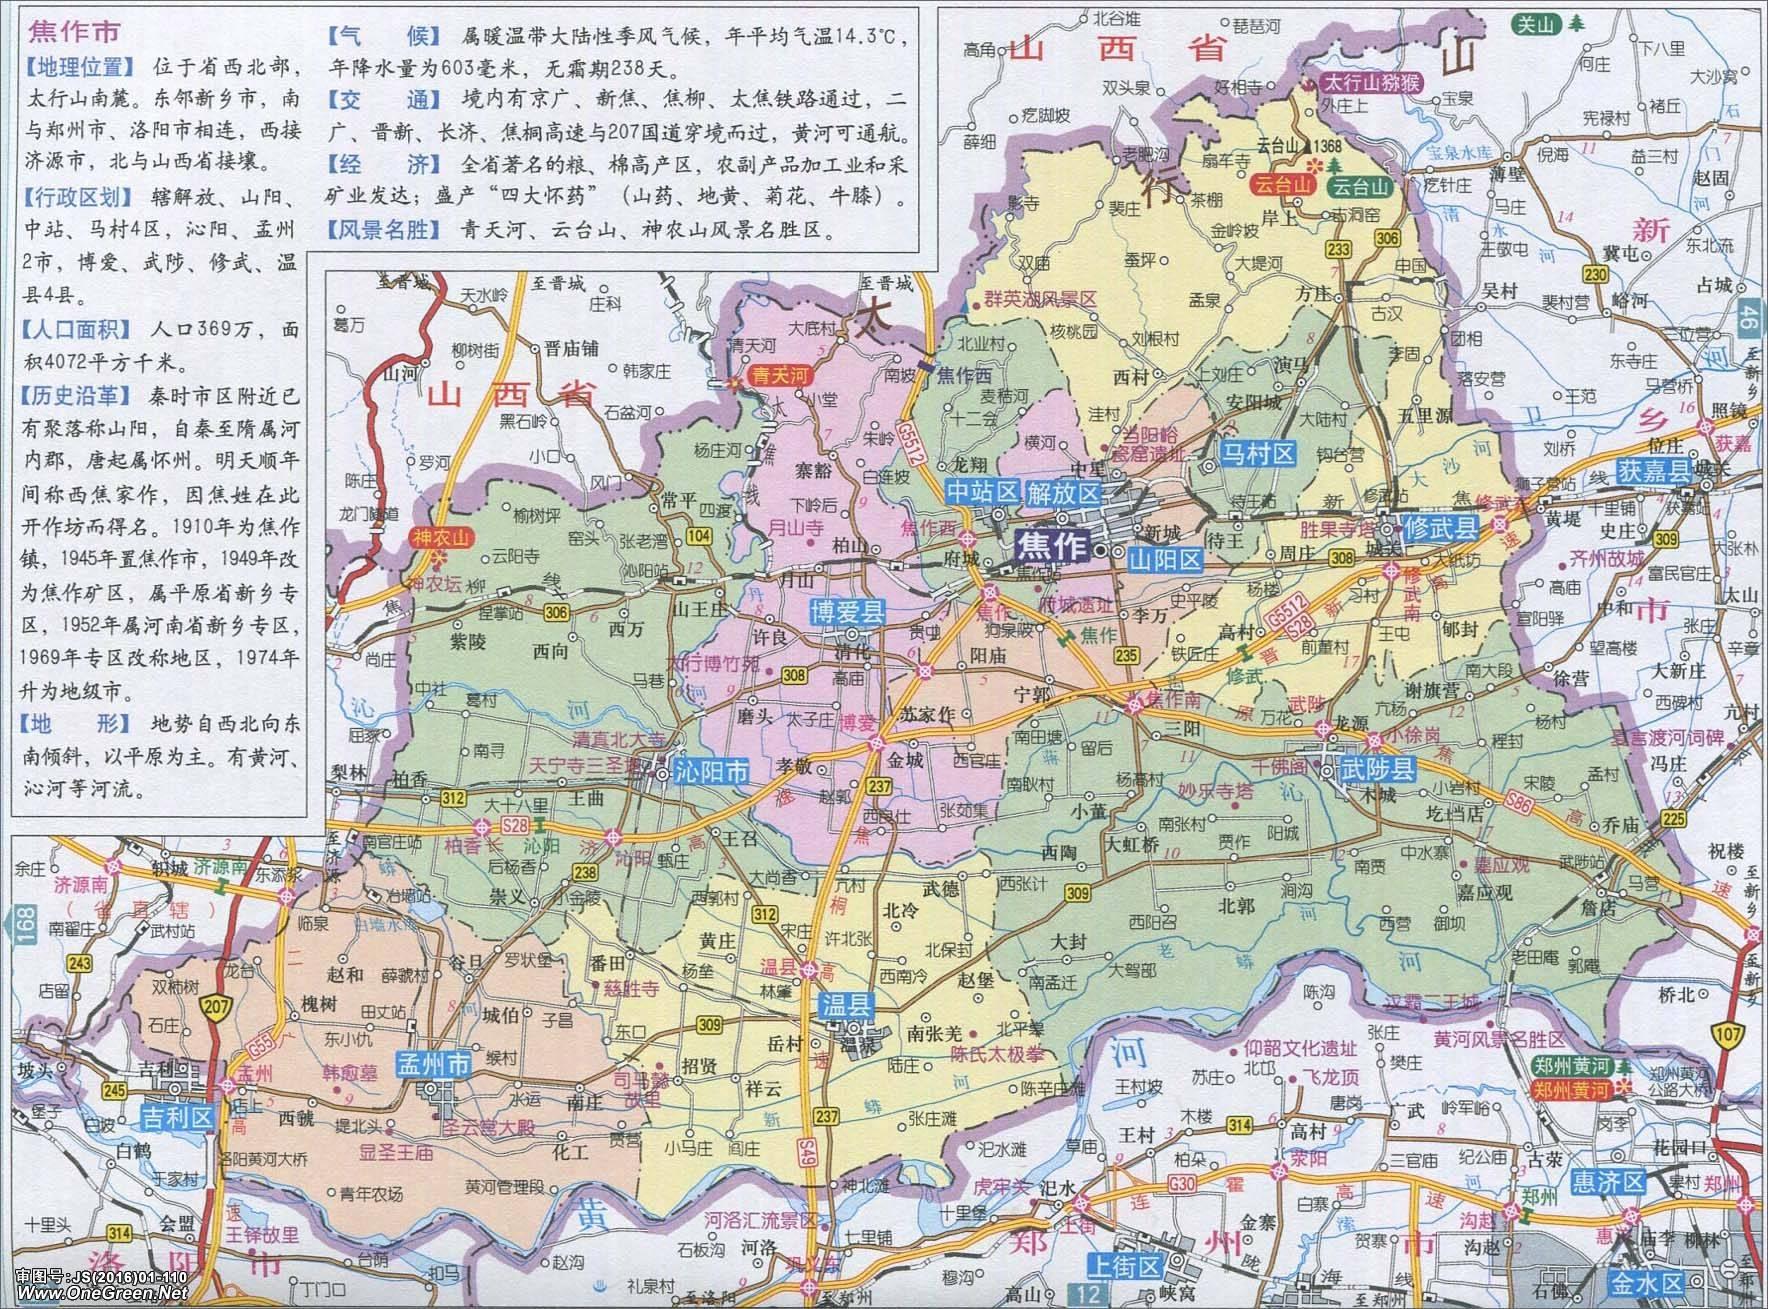 焦作市地图高清版